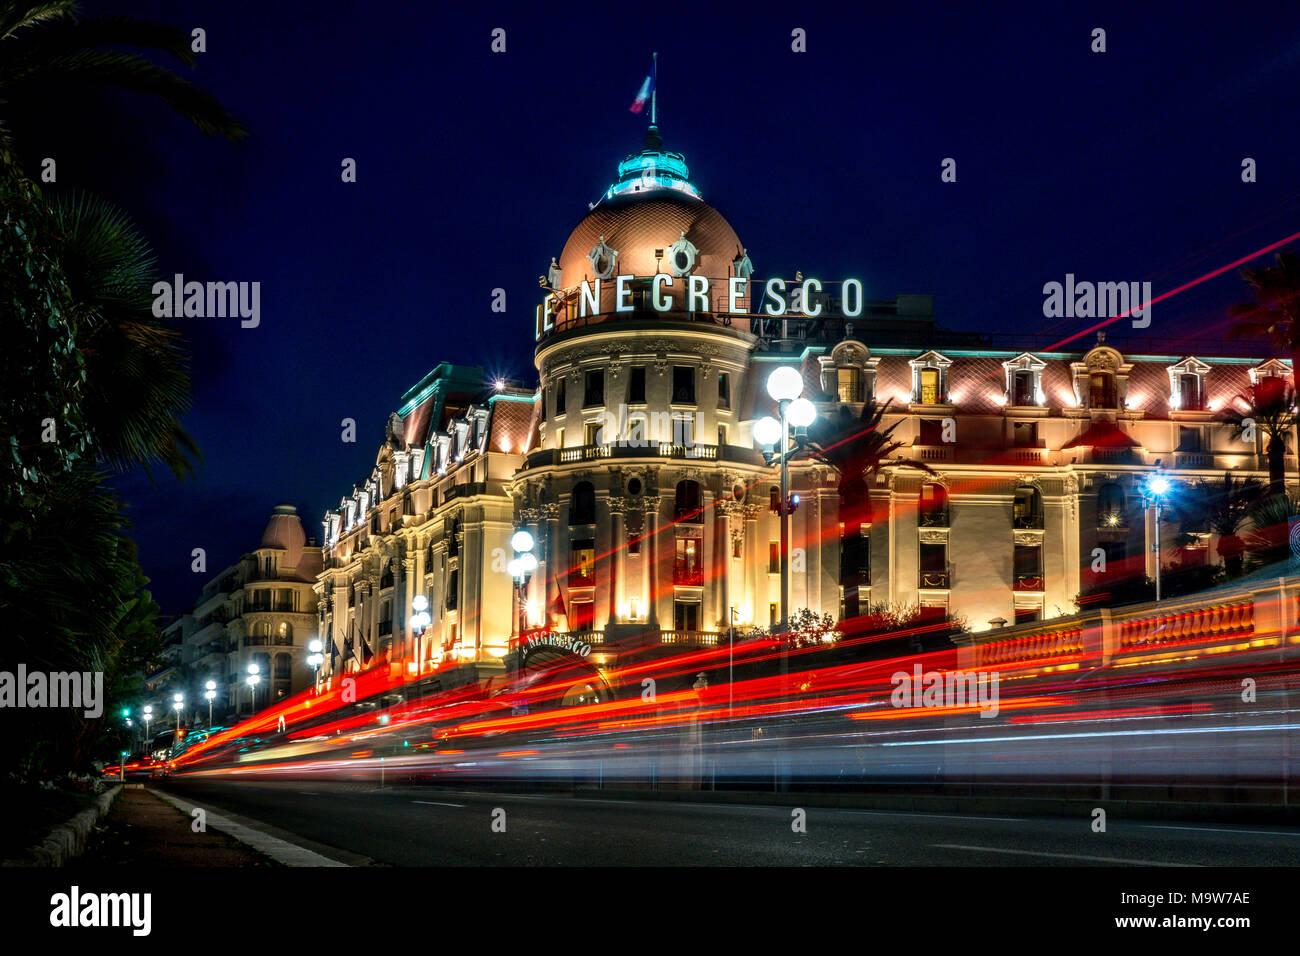 Negresco Hotel di notte, Promenade des Anglais, Nizza Immagini Stock